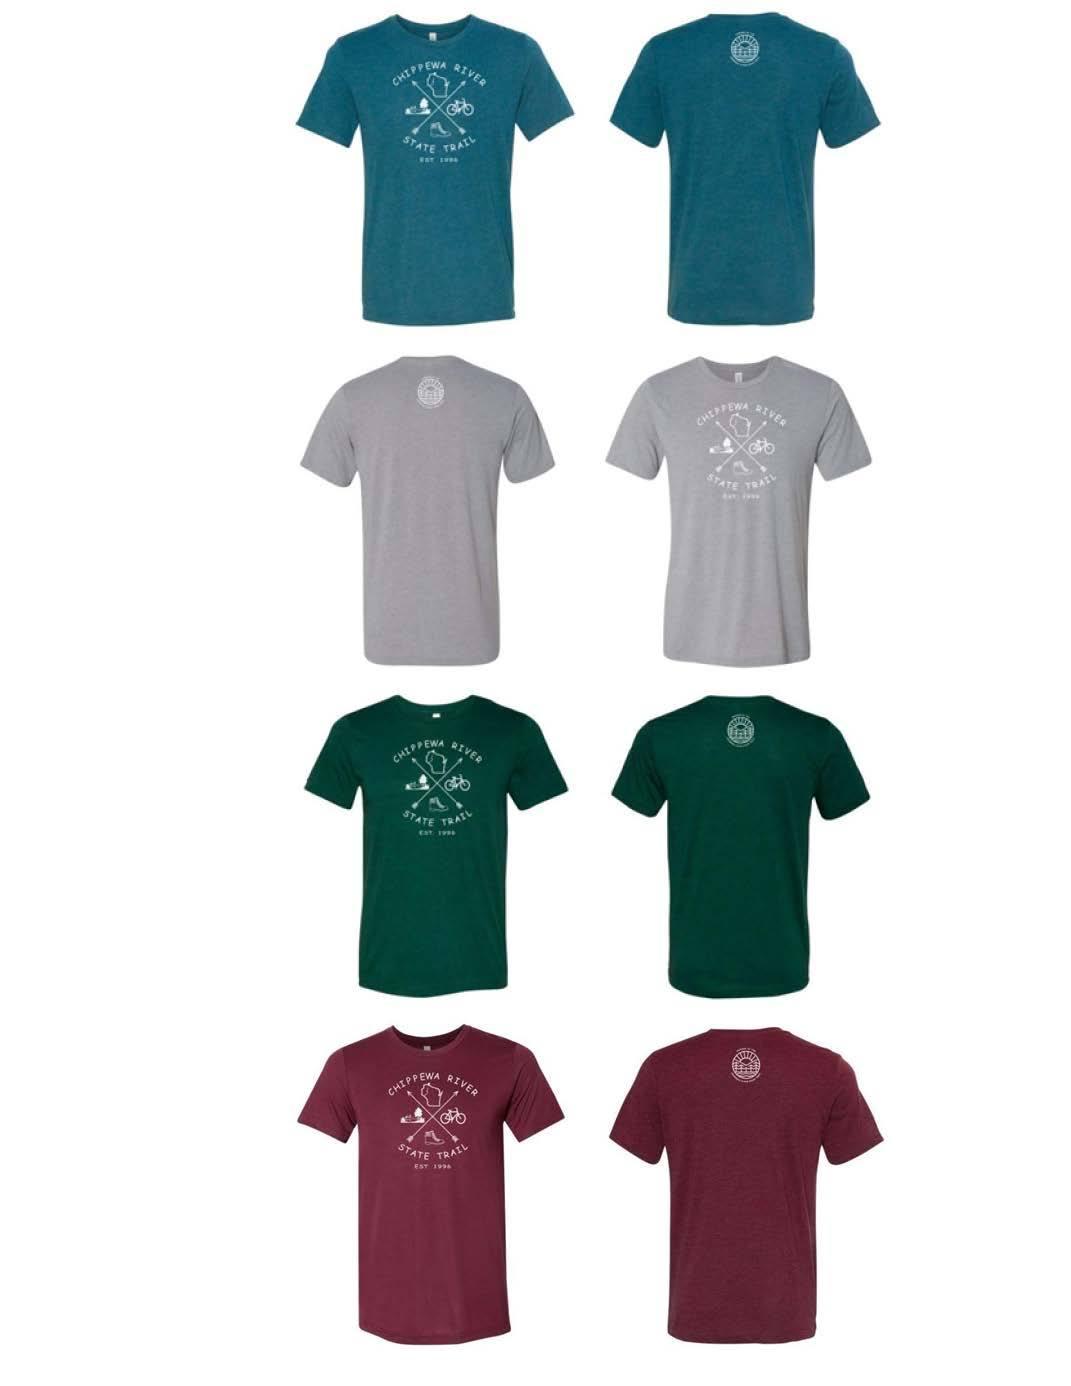 FCRST Shirts.jpg